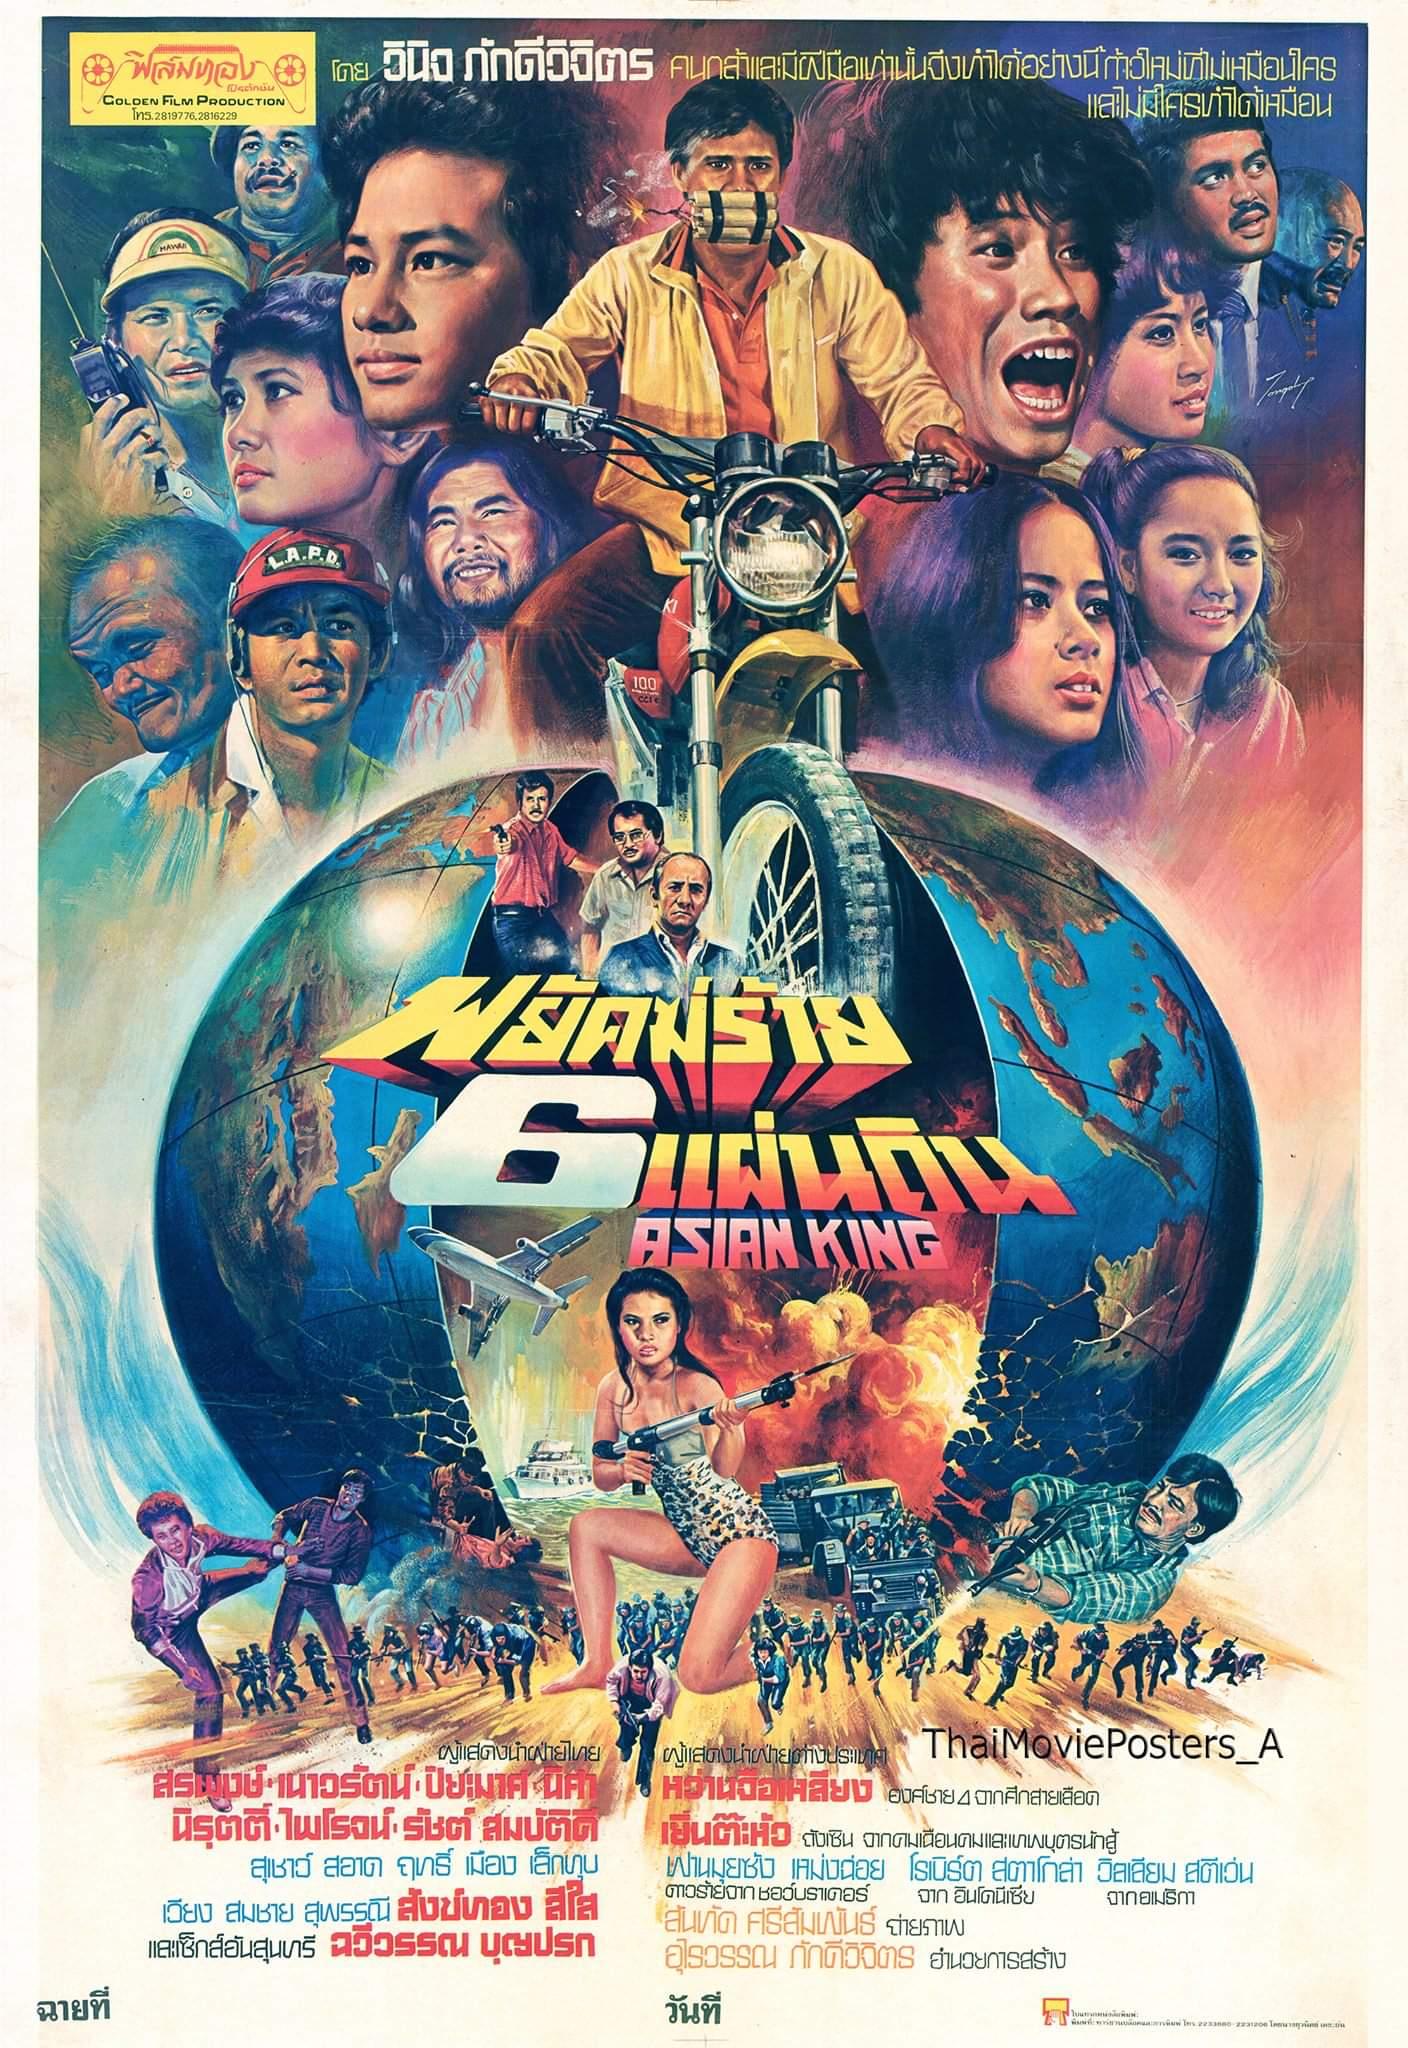 ดูหนังออนไลน์ฟรี พยัคฆ์ร้าย 6 แผ่นดิน (1982)